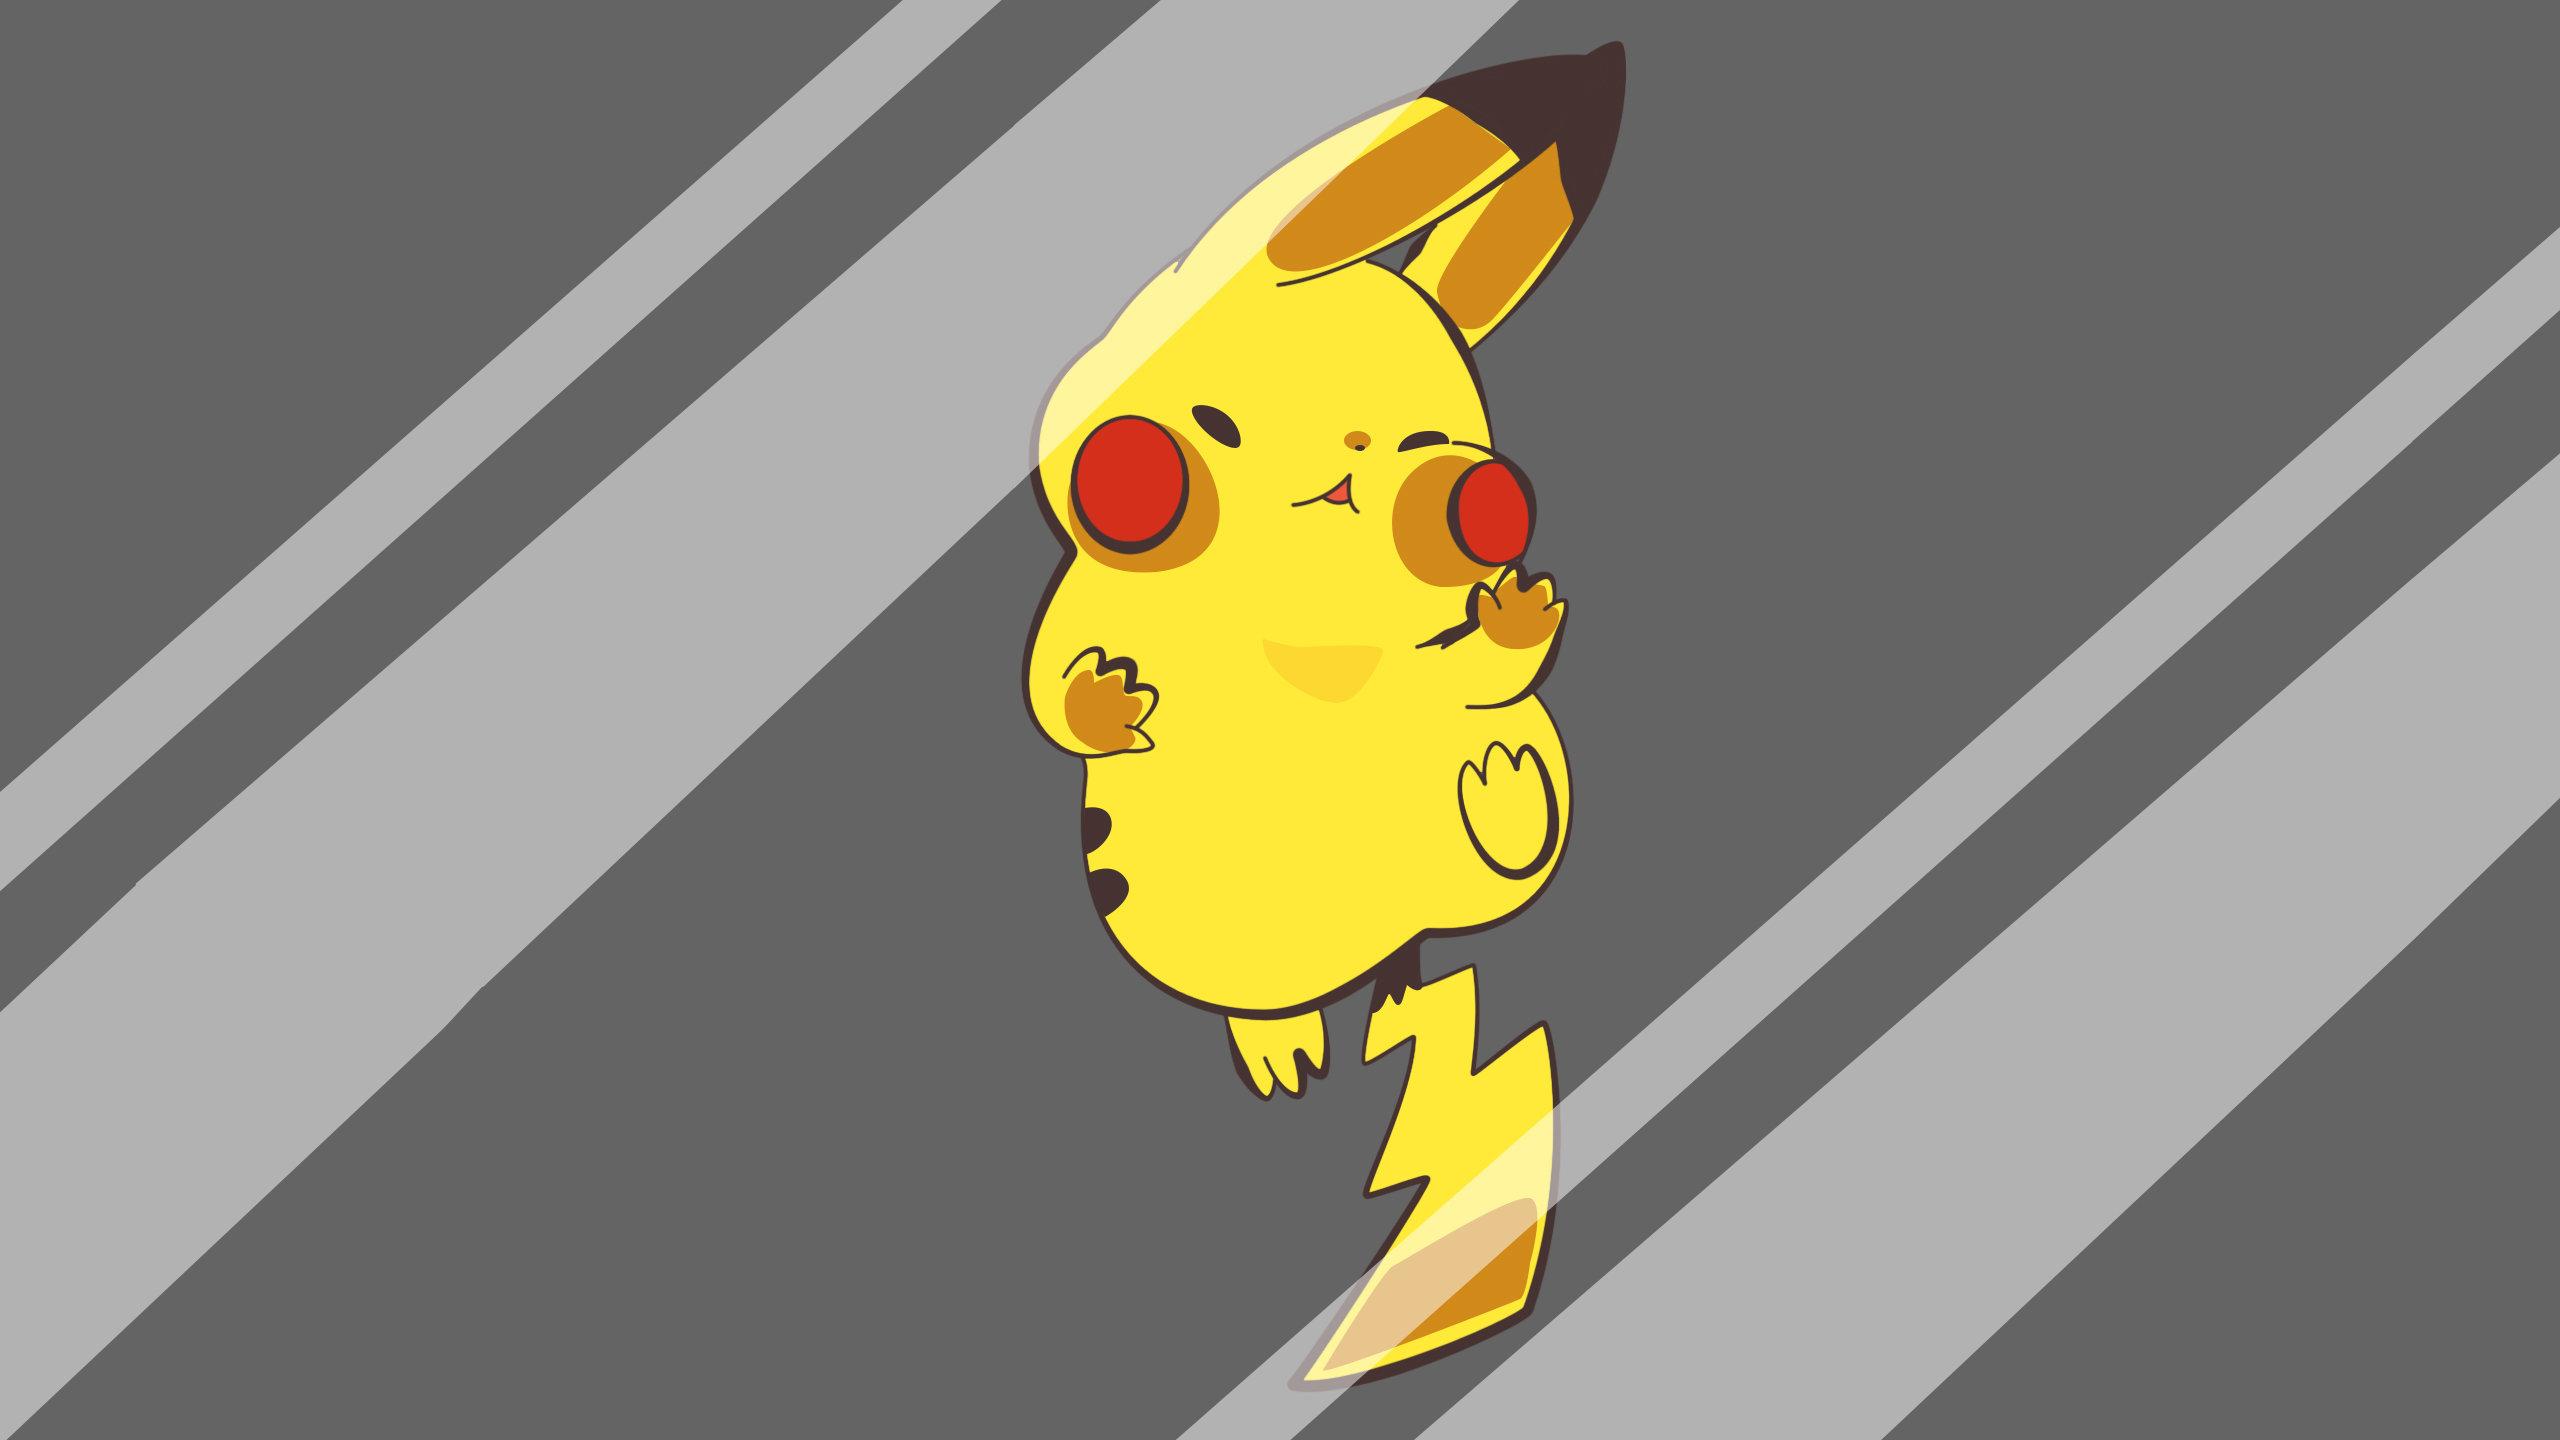 Pikachu wallpaper hd 2560 x 1440